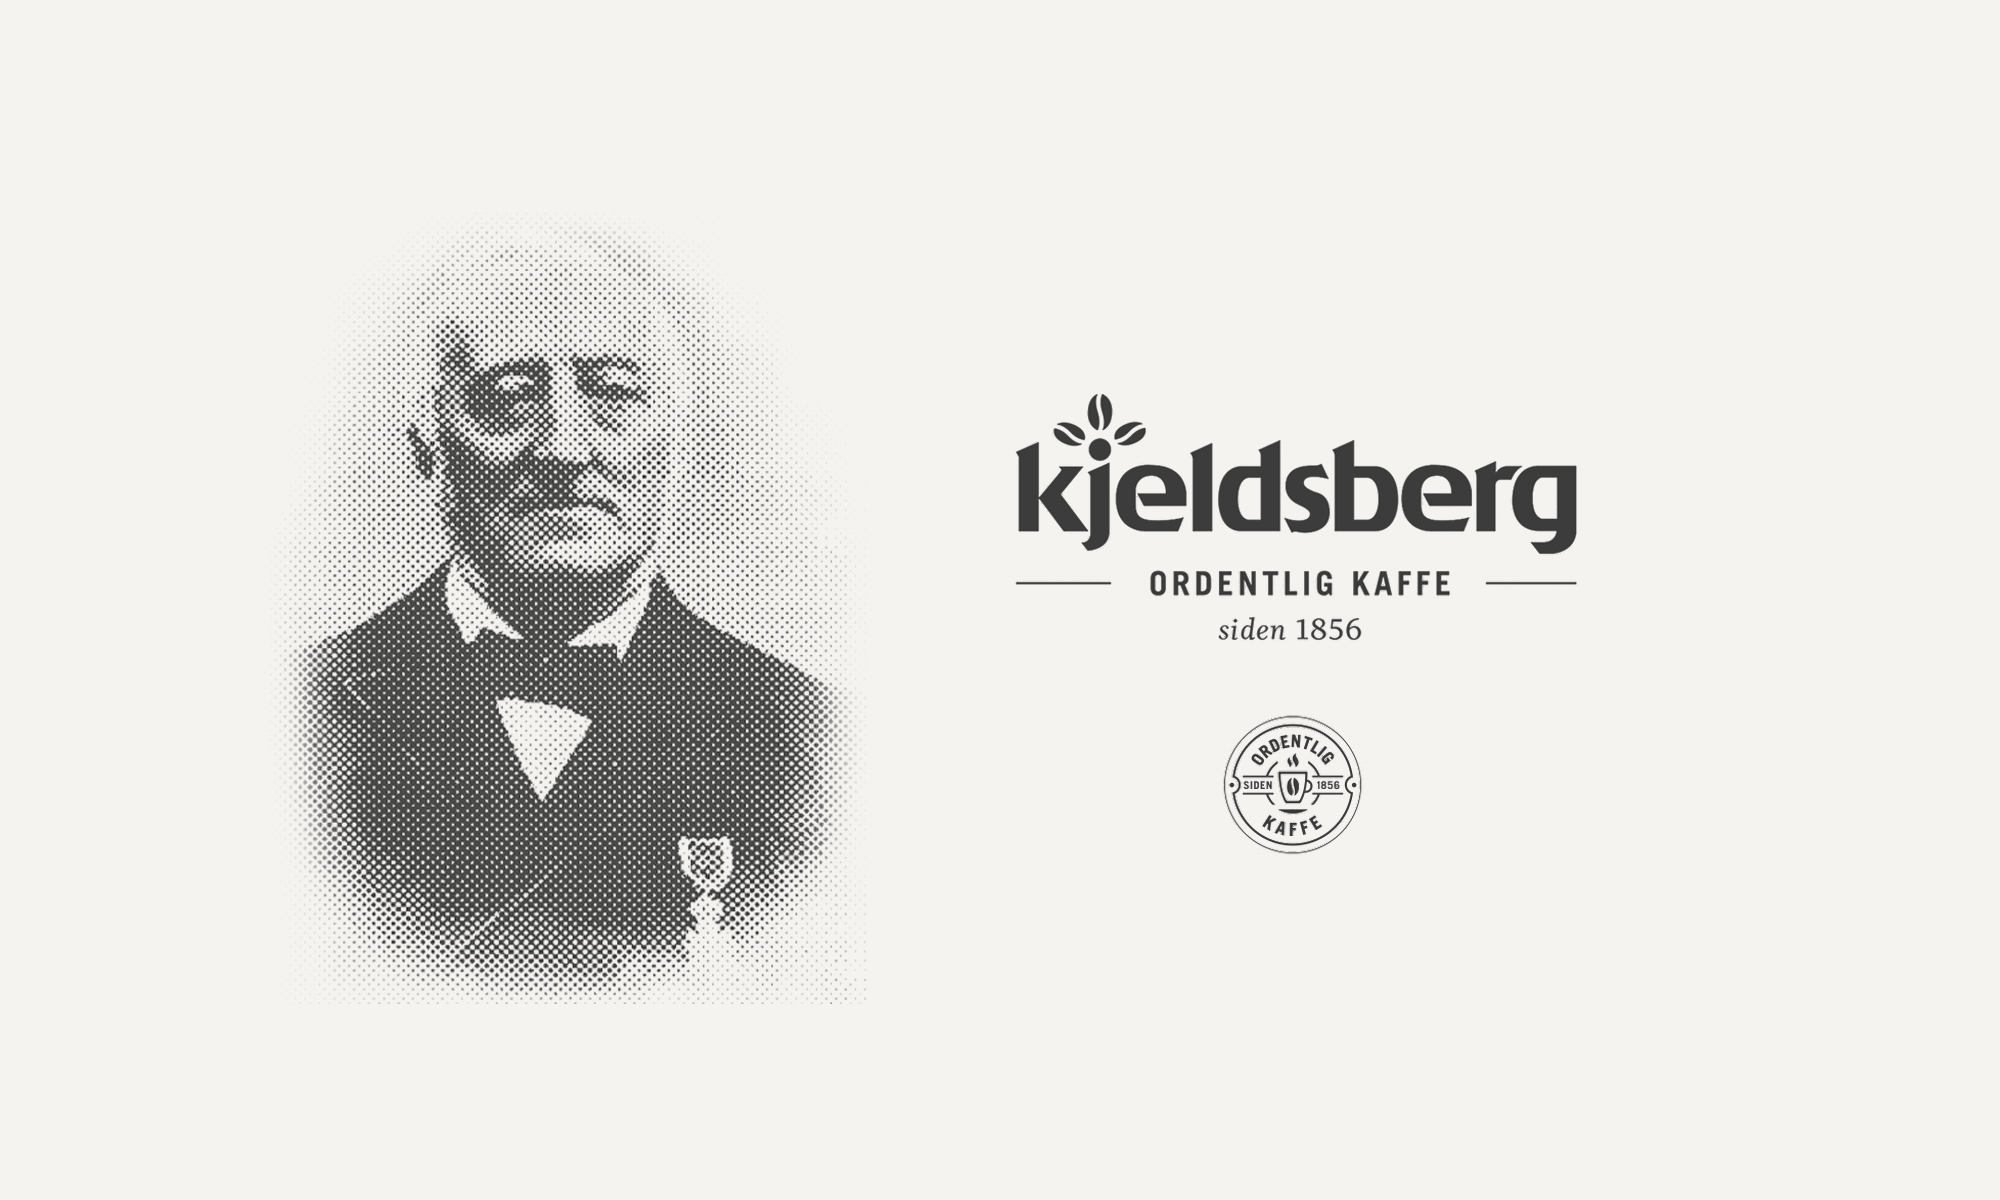 Kjeldsberg_gulkaffe40